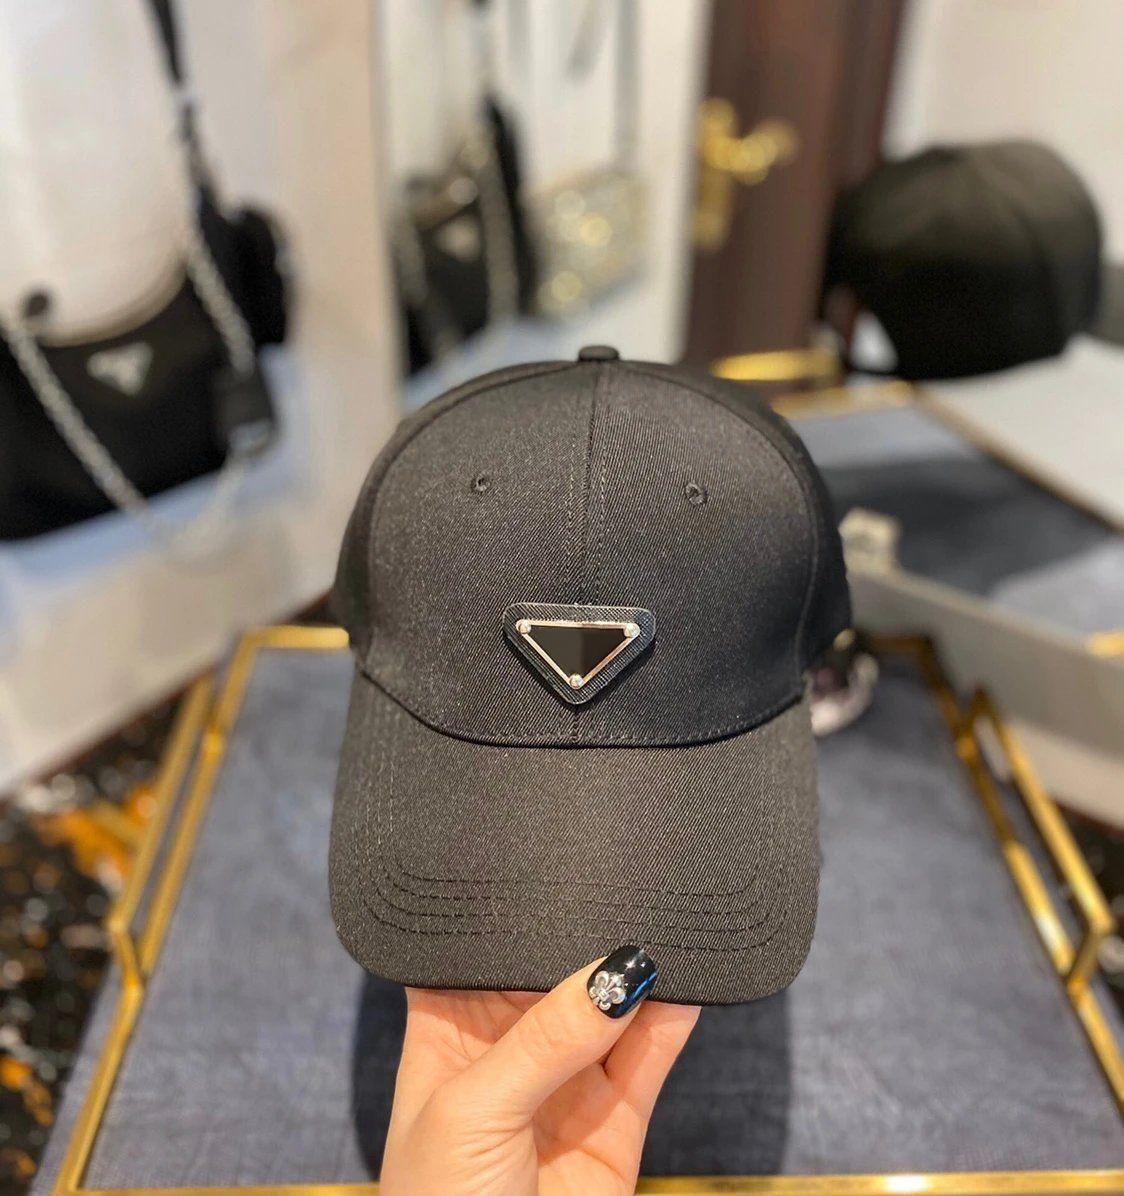 2021 الصيف المصممين البيسبول دلو قبعة البحرية كاب للإنسان امرأة الأزياء بخيل بريم تنفس عارضة القبعات القبعات قبعة casquette